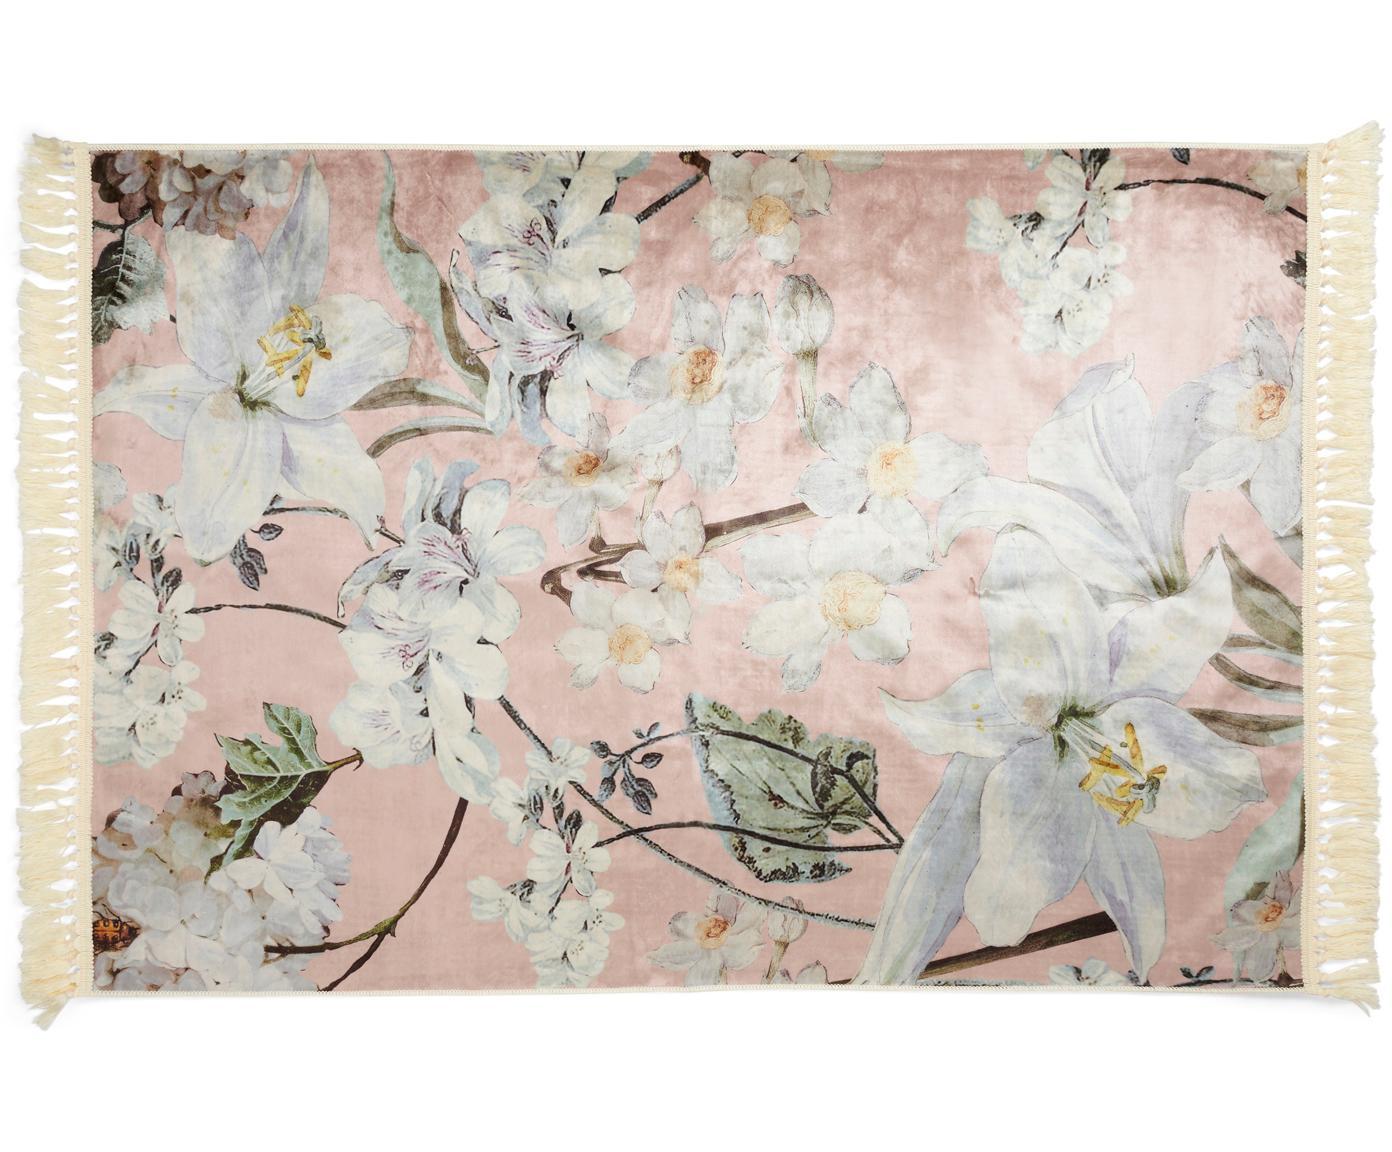 Teppich Rosalee mit Blumenmuster, 60% Polyester, 30% thermoplastisches Polyurethan, 10% Baumwolle, Rosa, Mehrfarbig, B 120 x L 180 cm (Größe S)